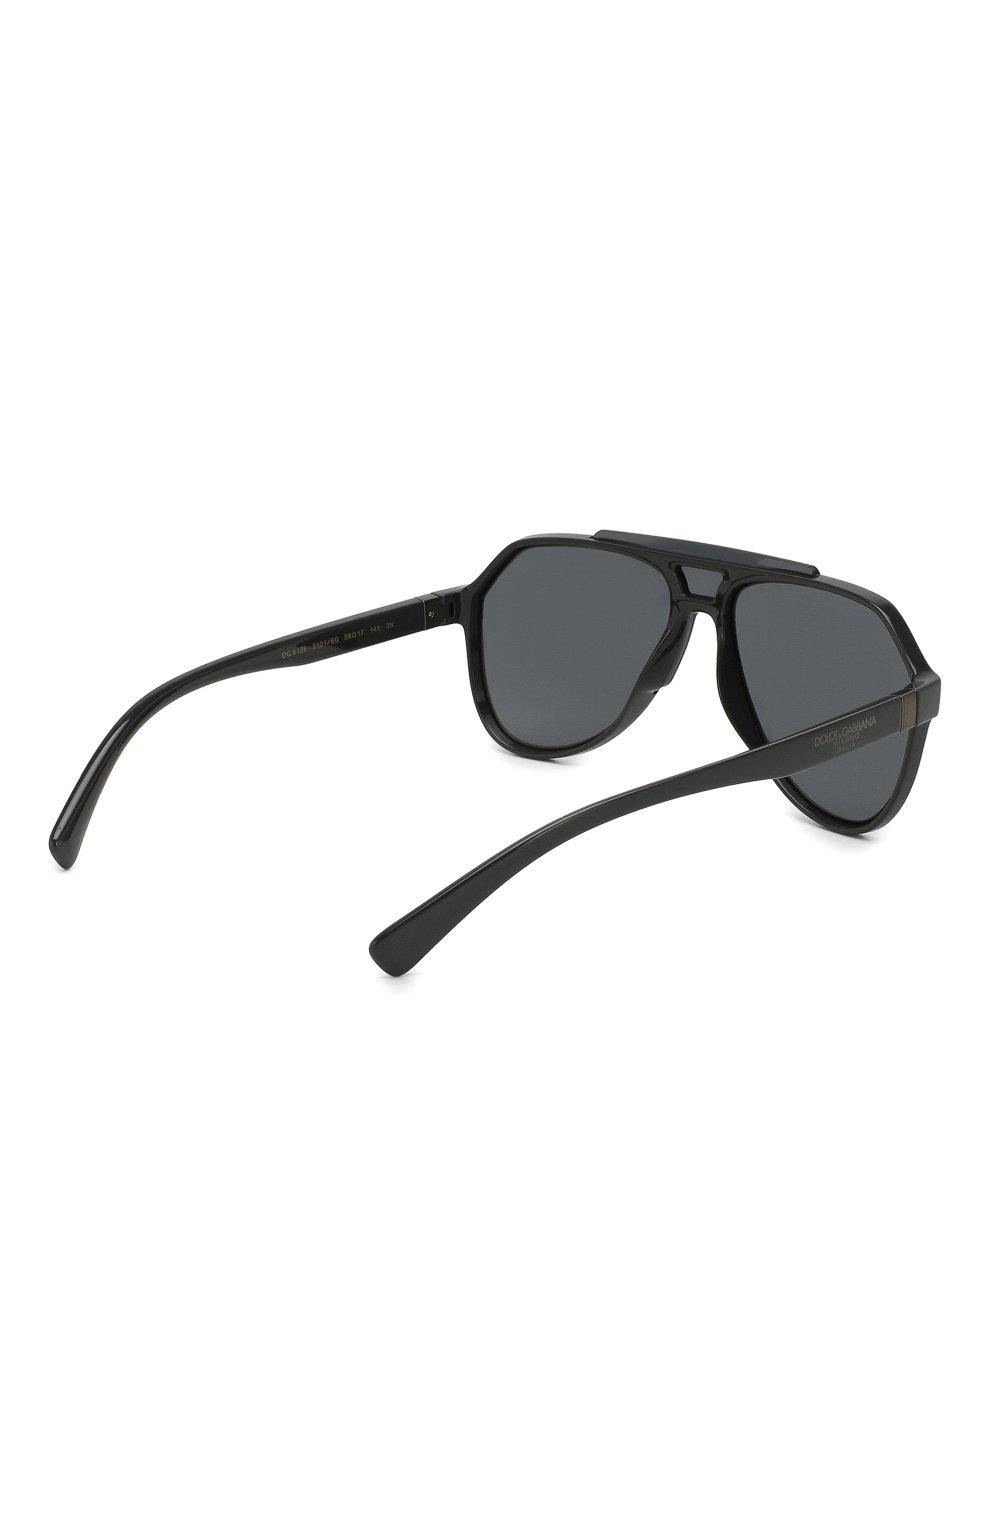 Женские солнцезащитные очки DOLCE & GABBANA серого цвета, арт. 6128-31016G | Фото 5